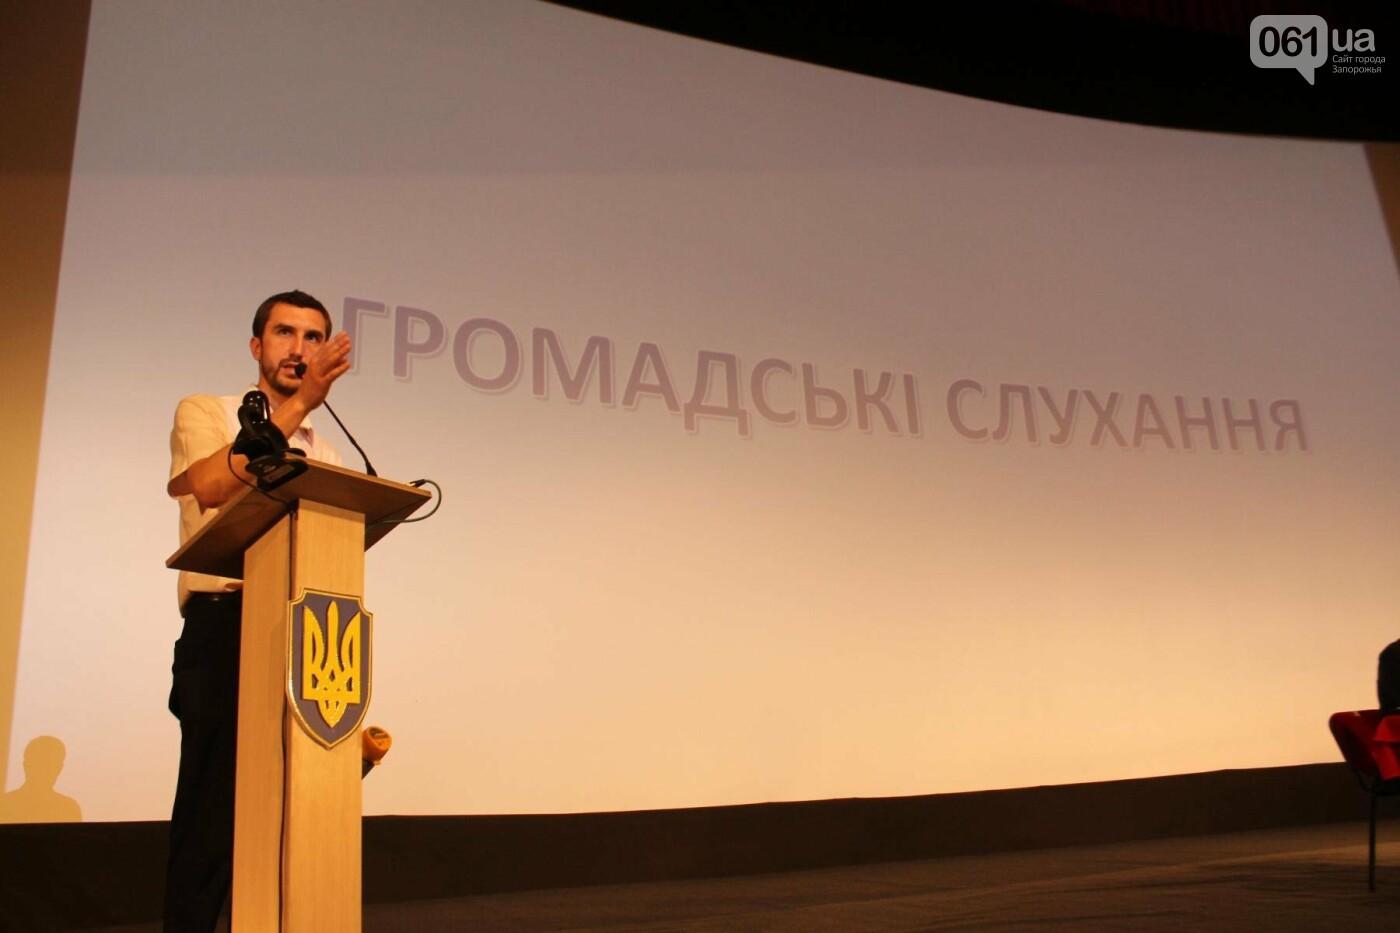 Как прошли общественные слушания о застройке сквера Яланского, – ФОТОРЕПОРТАЖ, фото-14